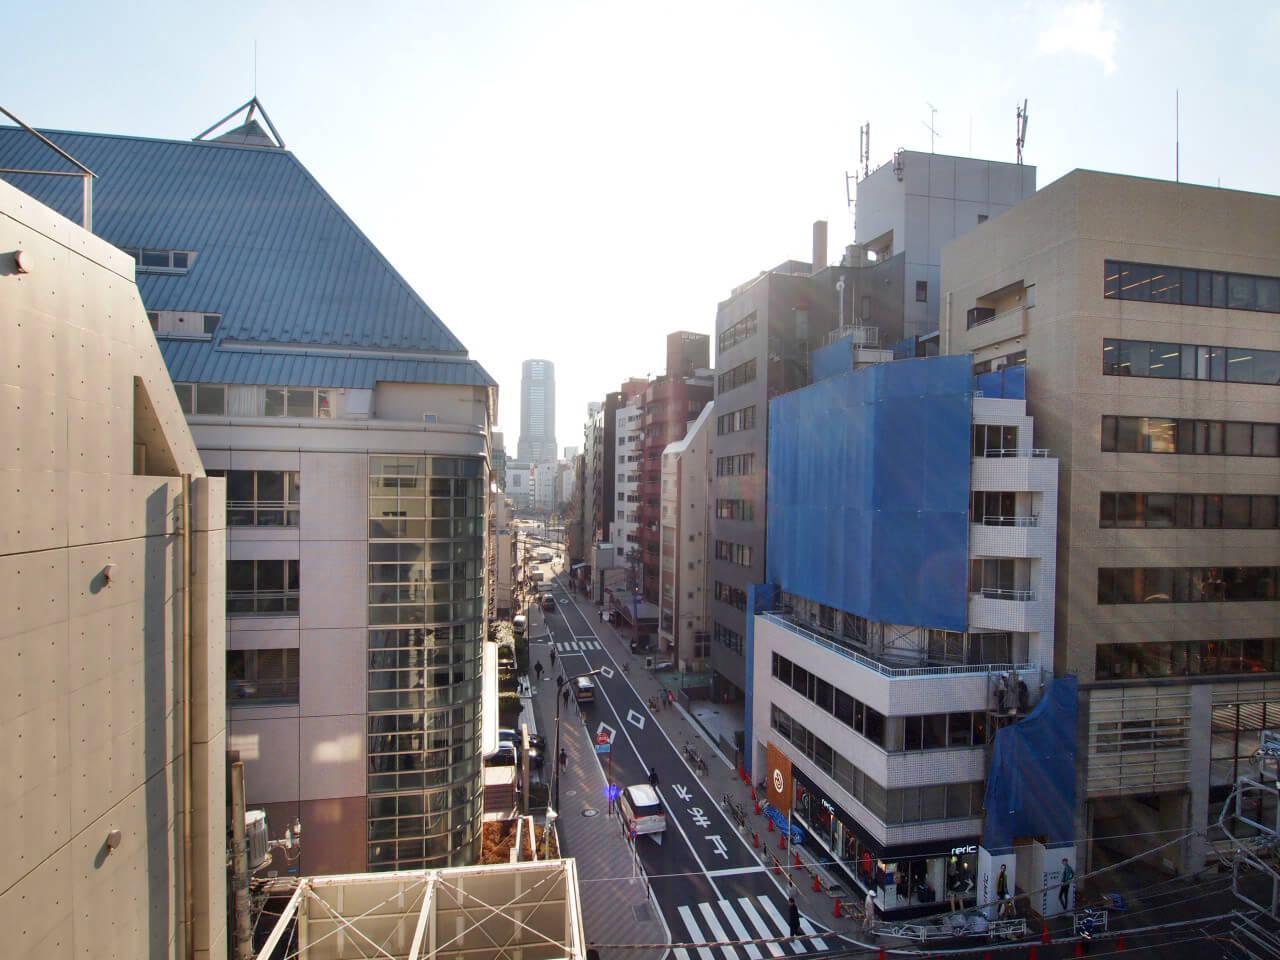 南側の眺望。通りの先に目をやるとセルリアンタワーがニョキっと